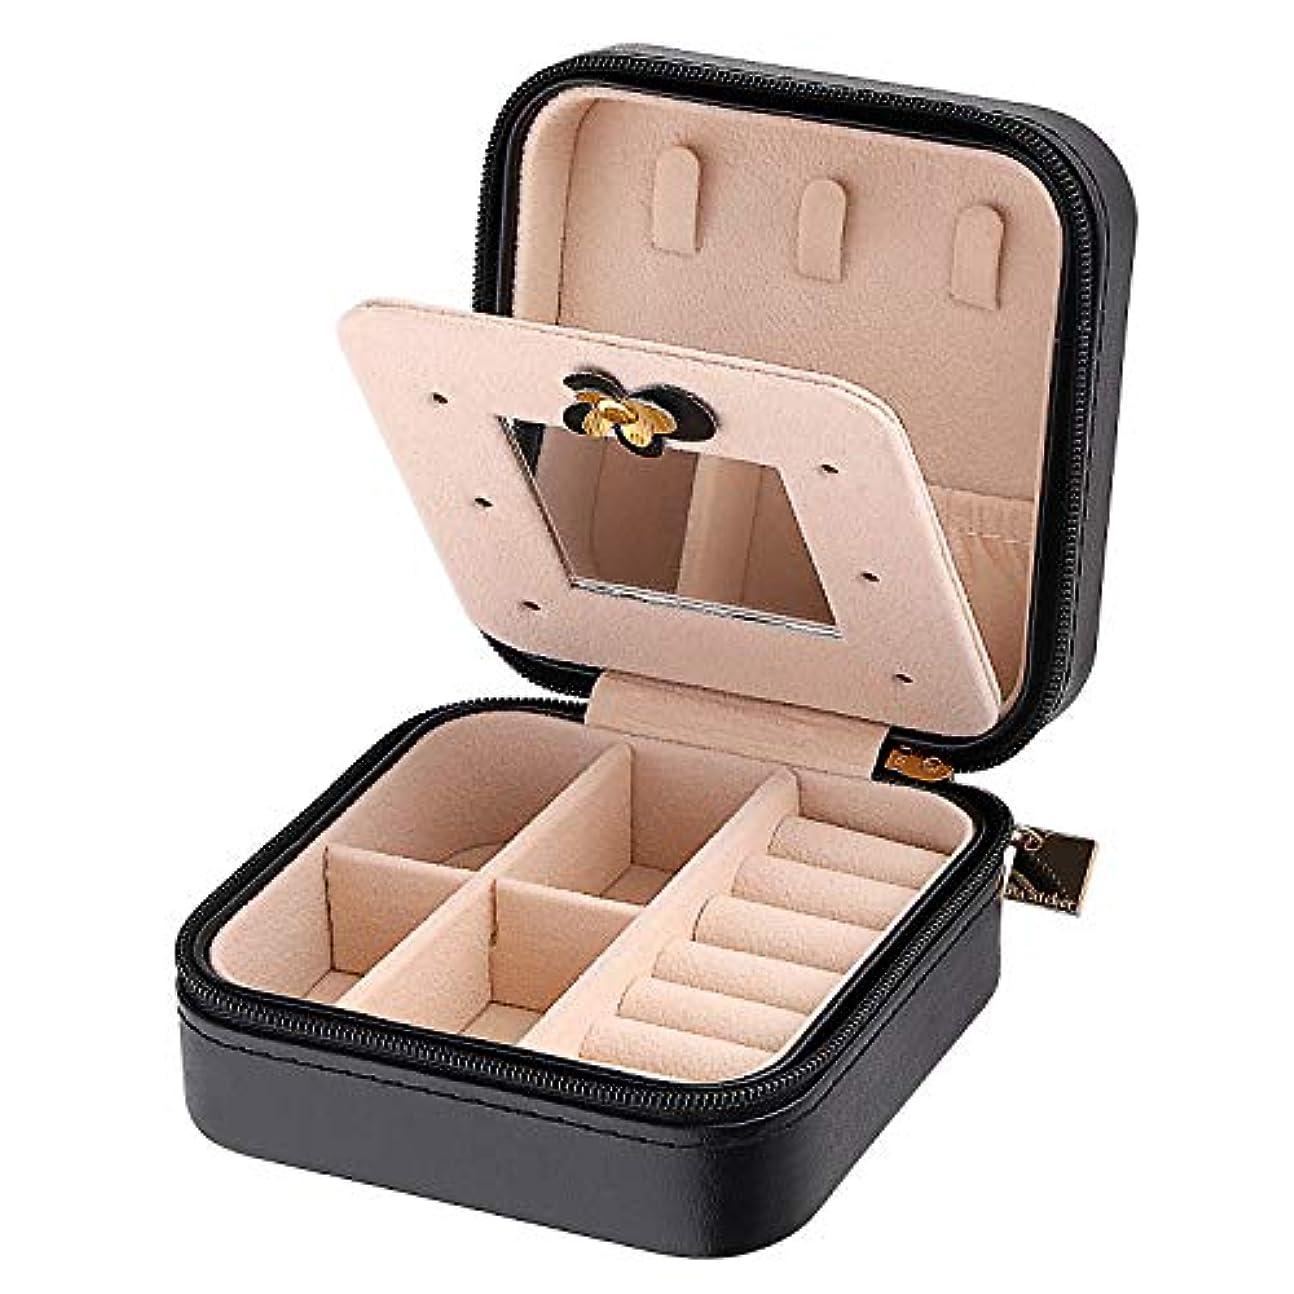 以前はホームレス怪物B.Catcher高品質エッフェル塔ミニジュエリーボックス 白い人工皮革アクセサリーケース 携帯用 収納用 リングピアスネックレス小物入れ ボックス 便利 旅行用